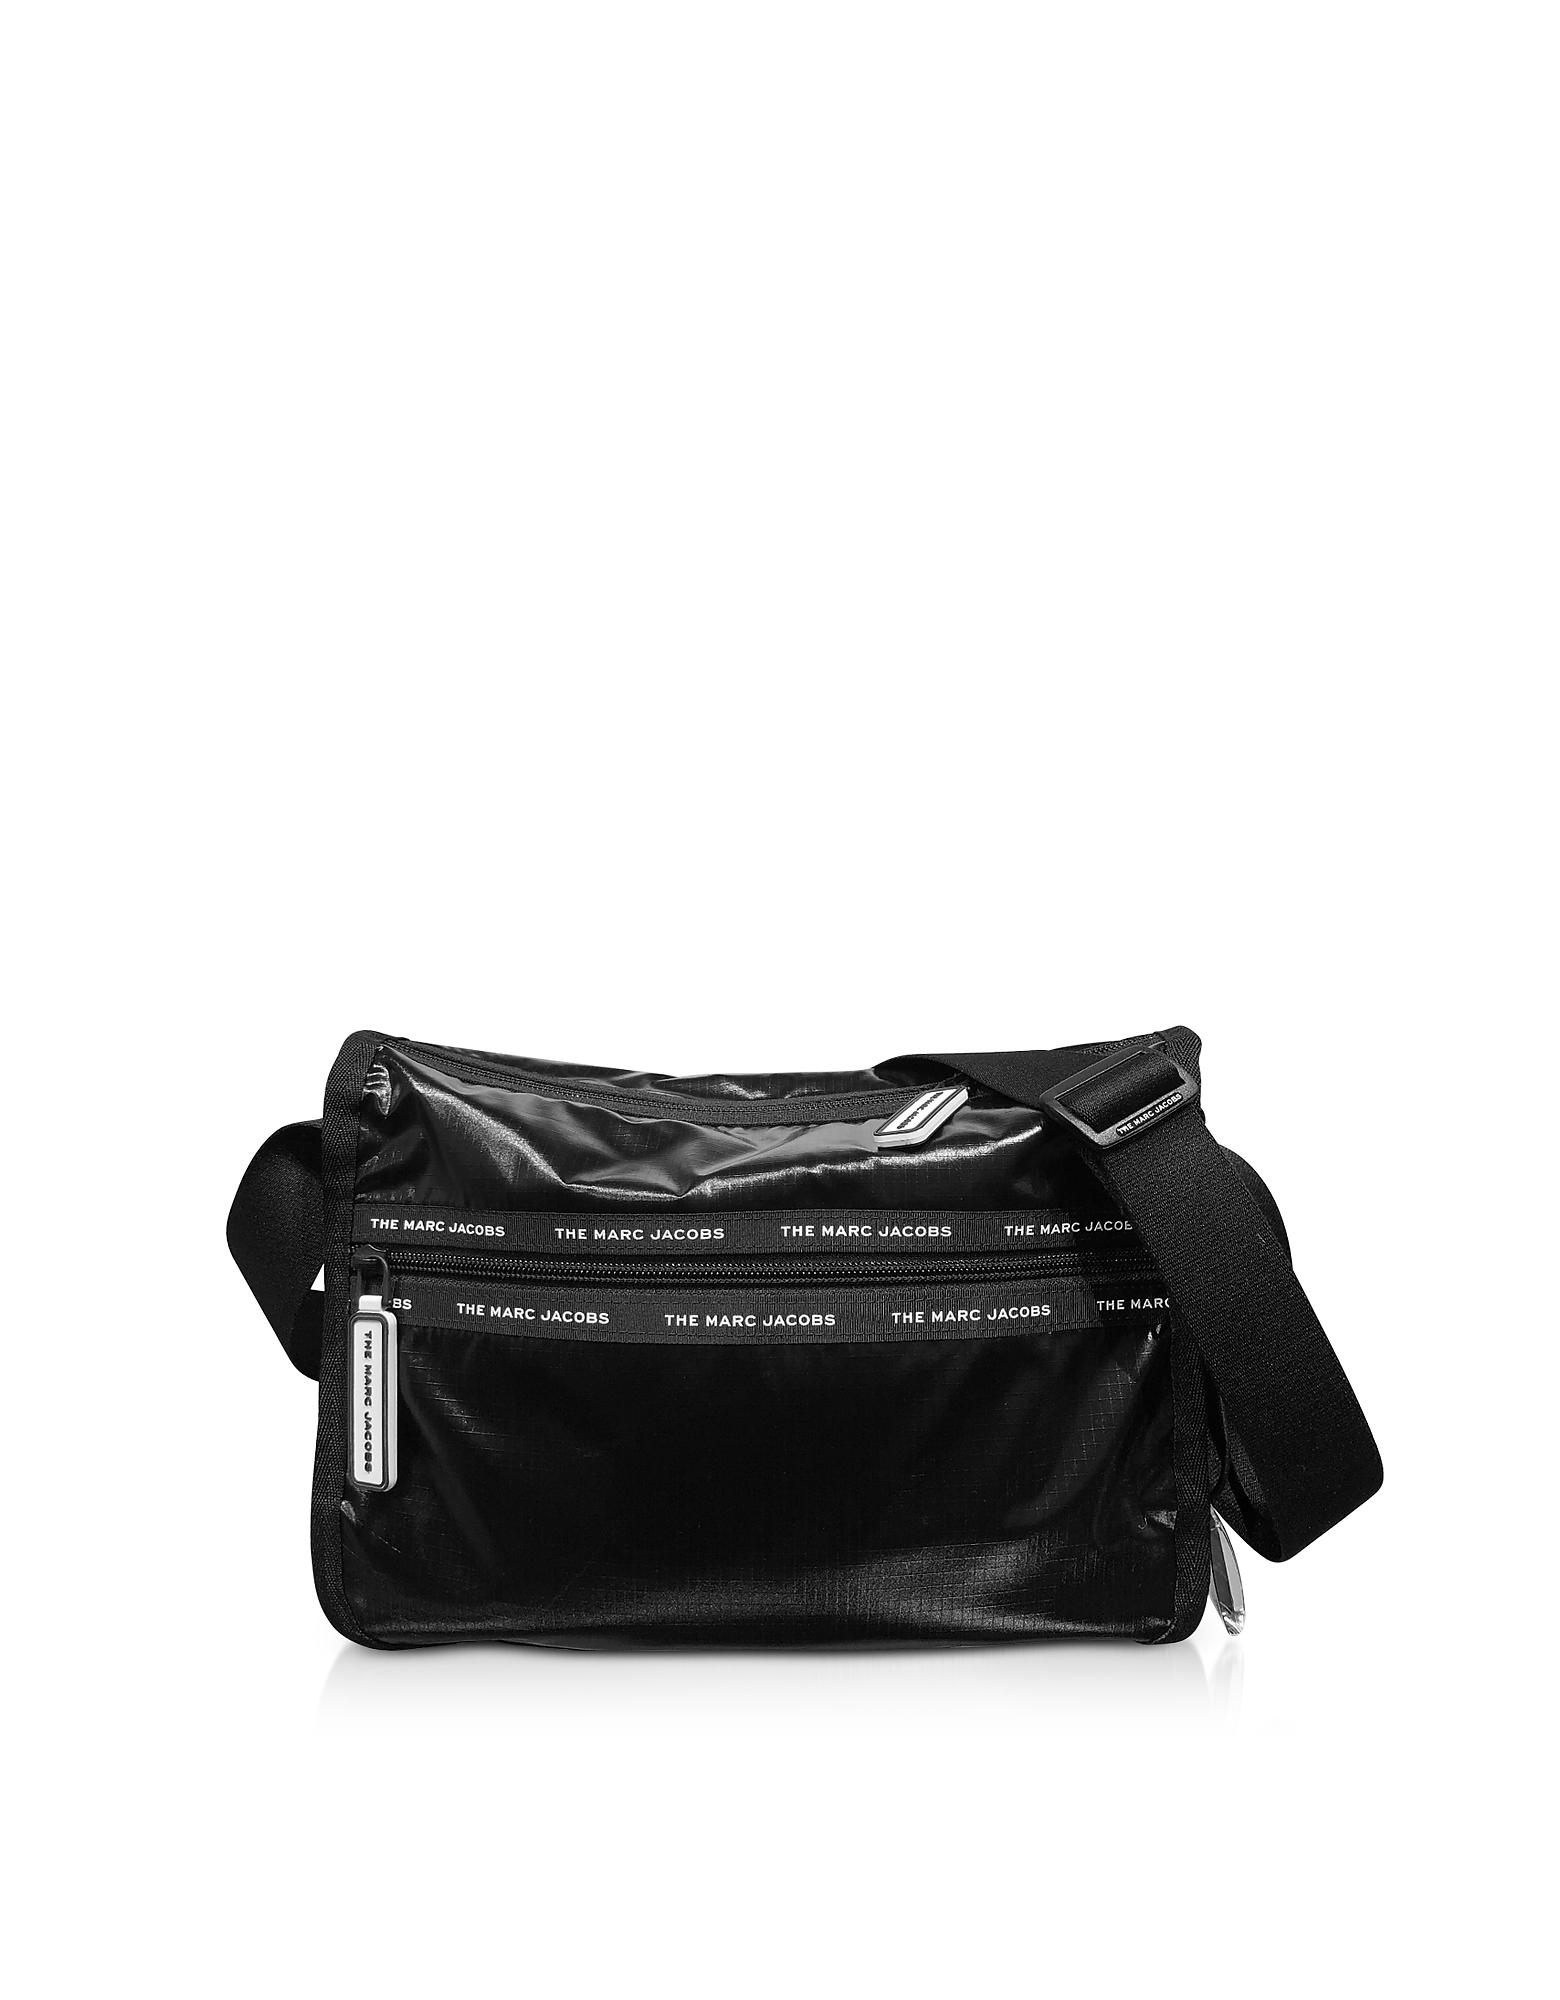 The Ripstop Black Nylon Messenger Bag